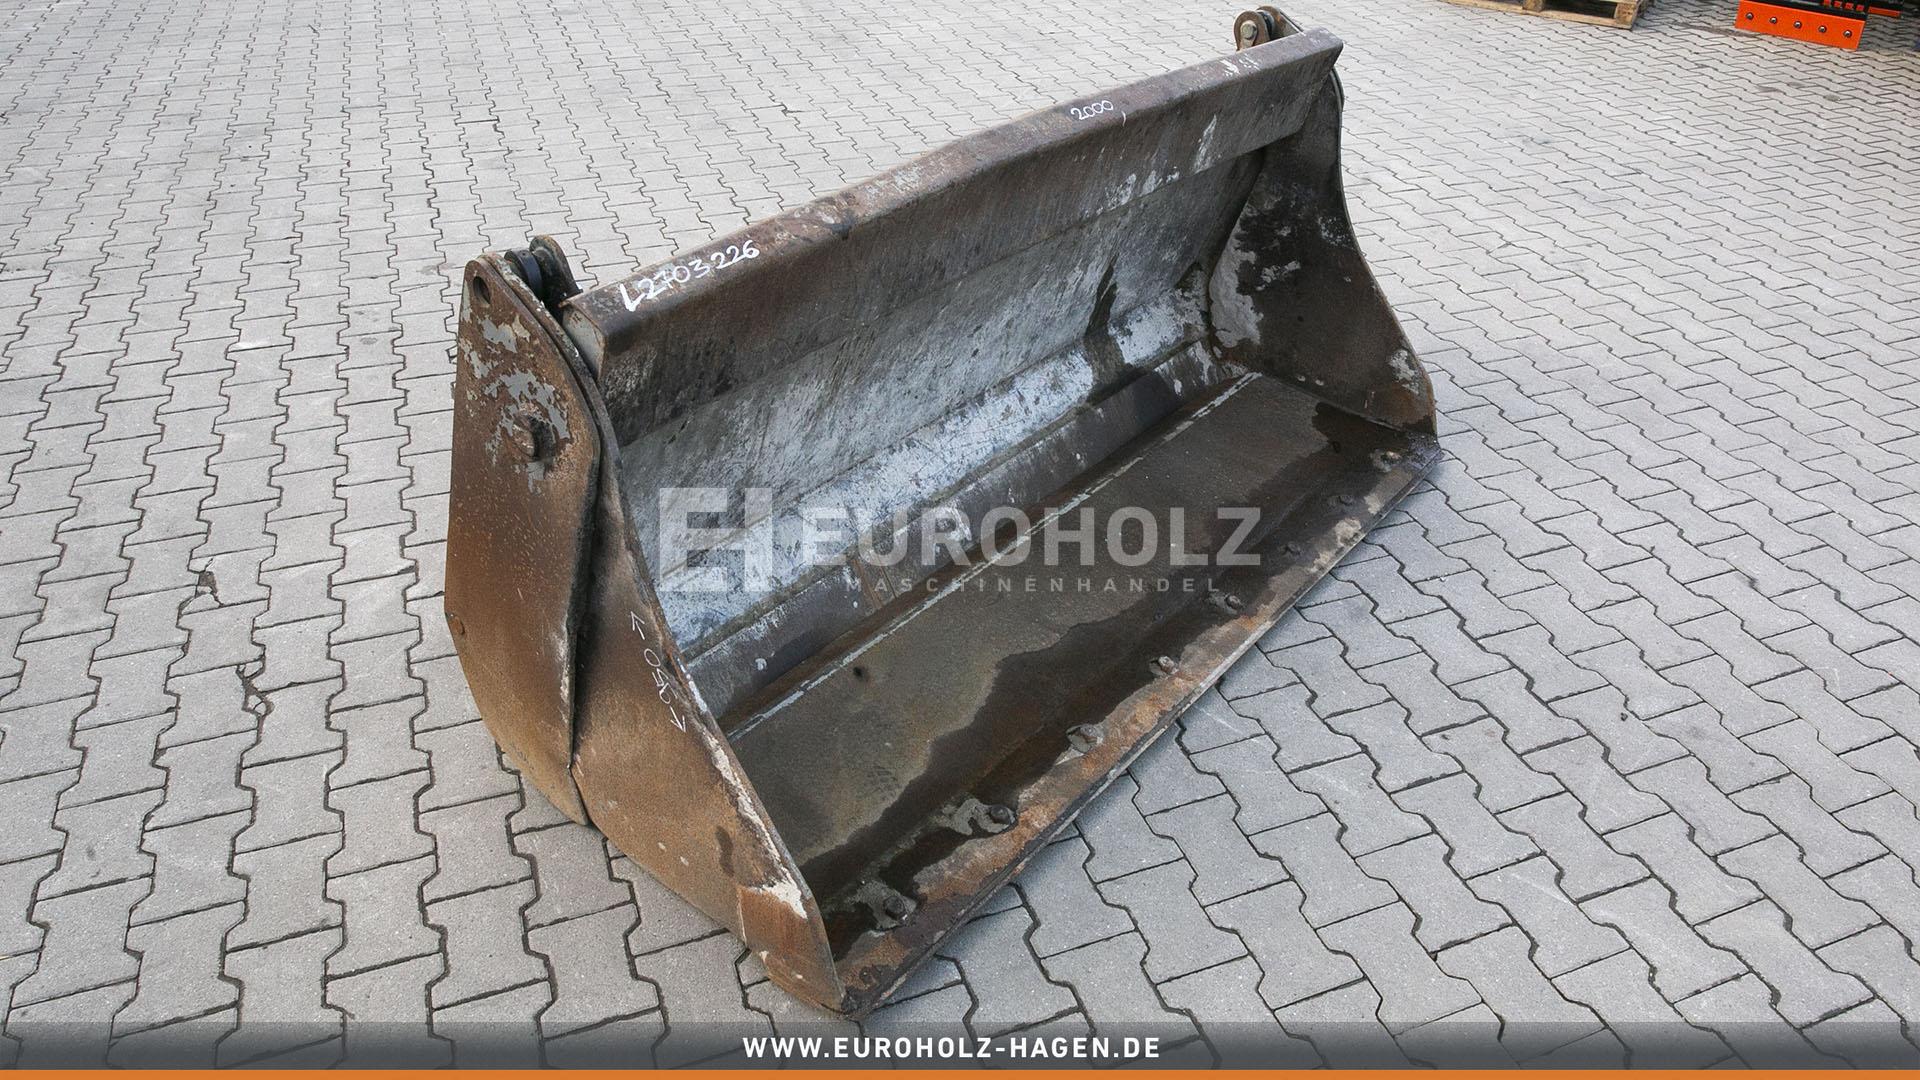 Klappschaufel hydraulisch passend für Liebherr 507 2000 mm (gebr.)